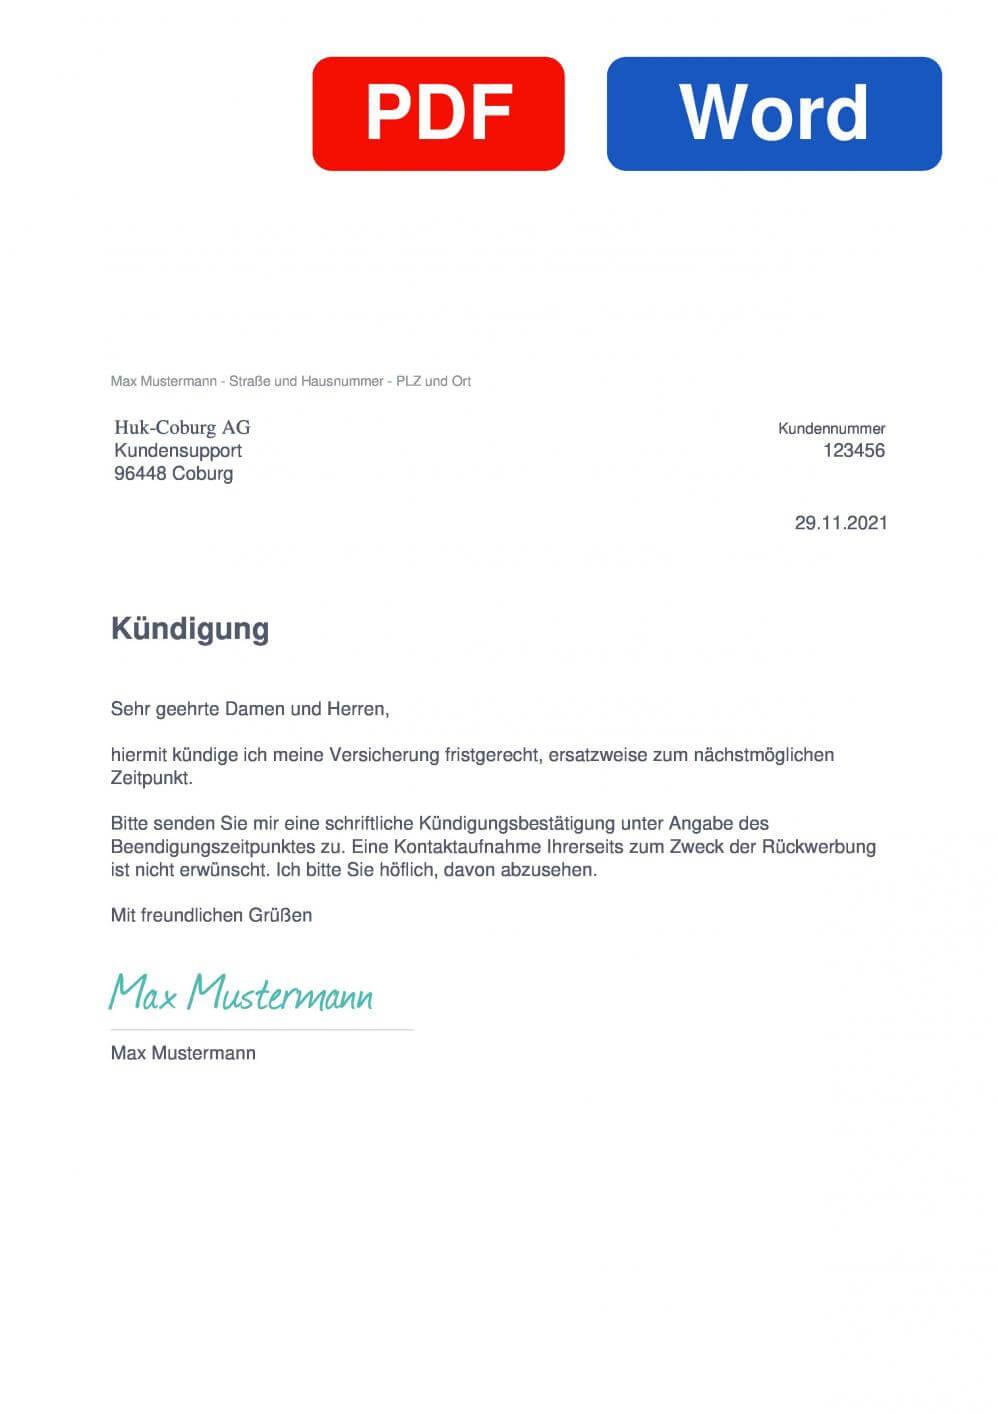 HUK-COBURG Krankenversicherung Muster Vorlage für Kündigungsschreiben